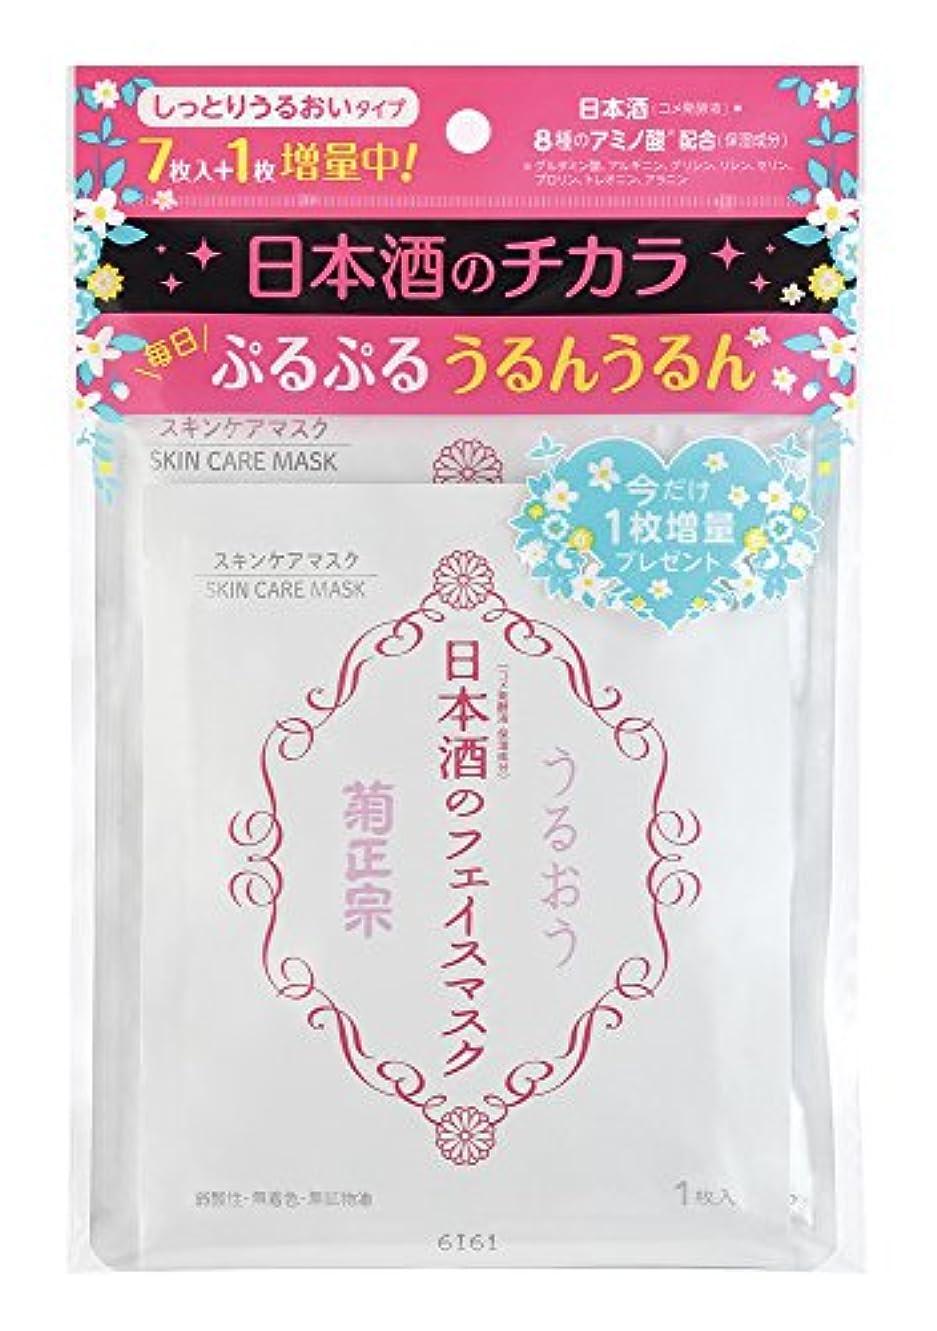 シリンダースタッフ審判菊正宗 日本酒のフェイスマスク 8枚入 (7枚入+1枚増量セット)